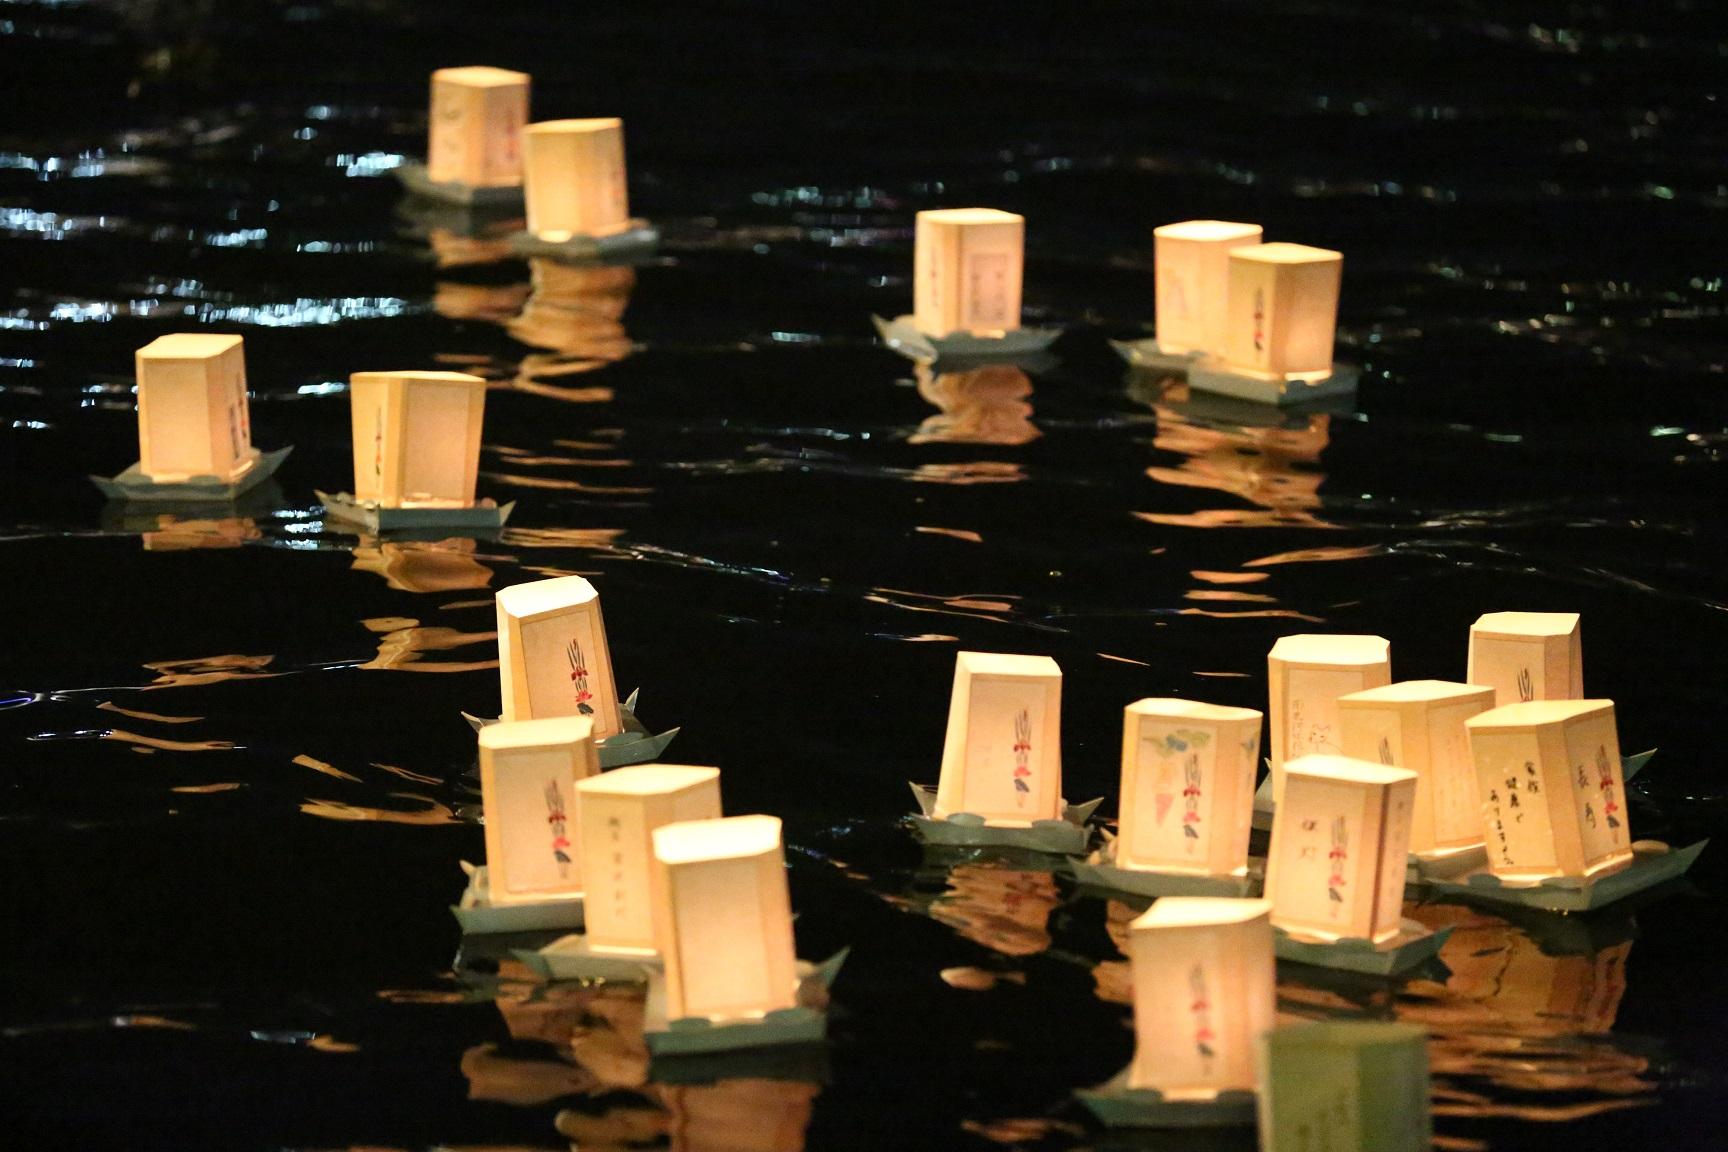 隅田川 とうろう流し 8月10日,2019年 13時より受付開始 18時30分流し始め